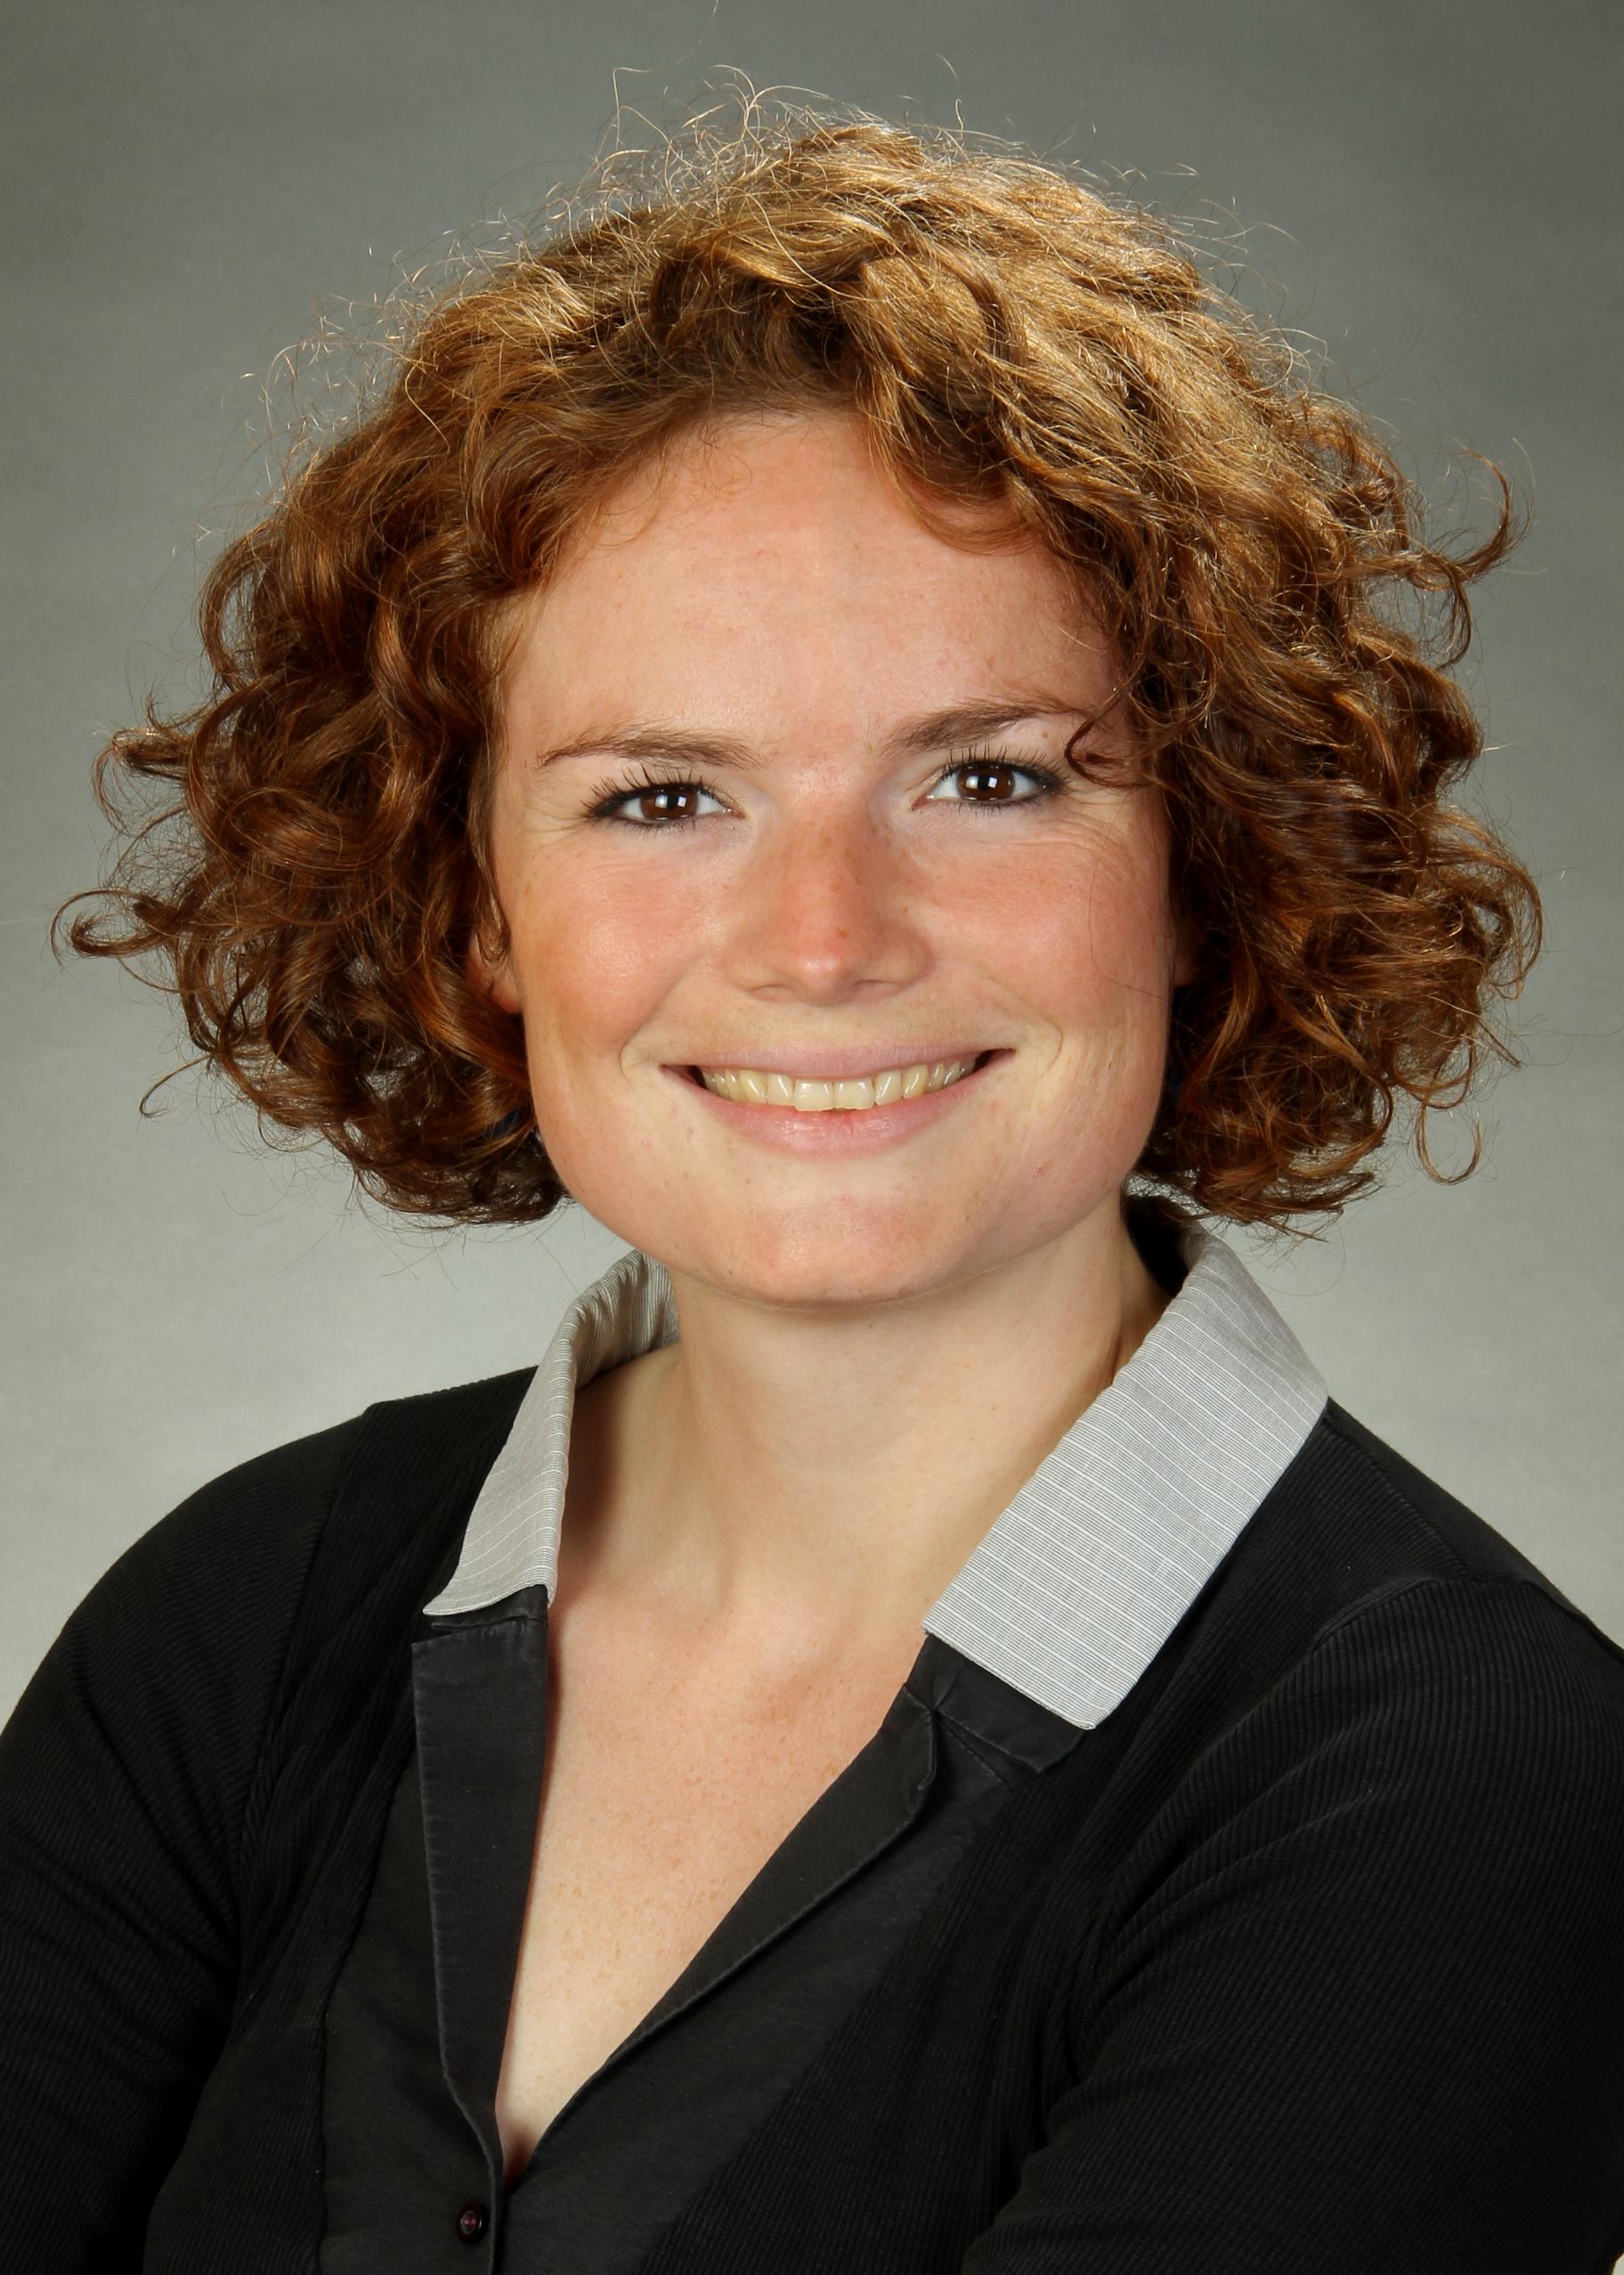 Dr. Chloé Wevers